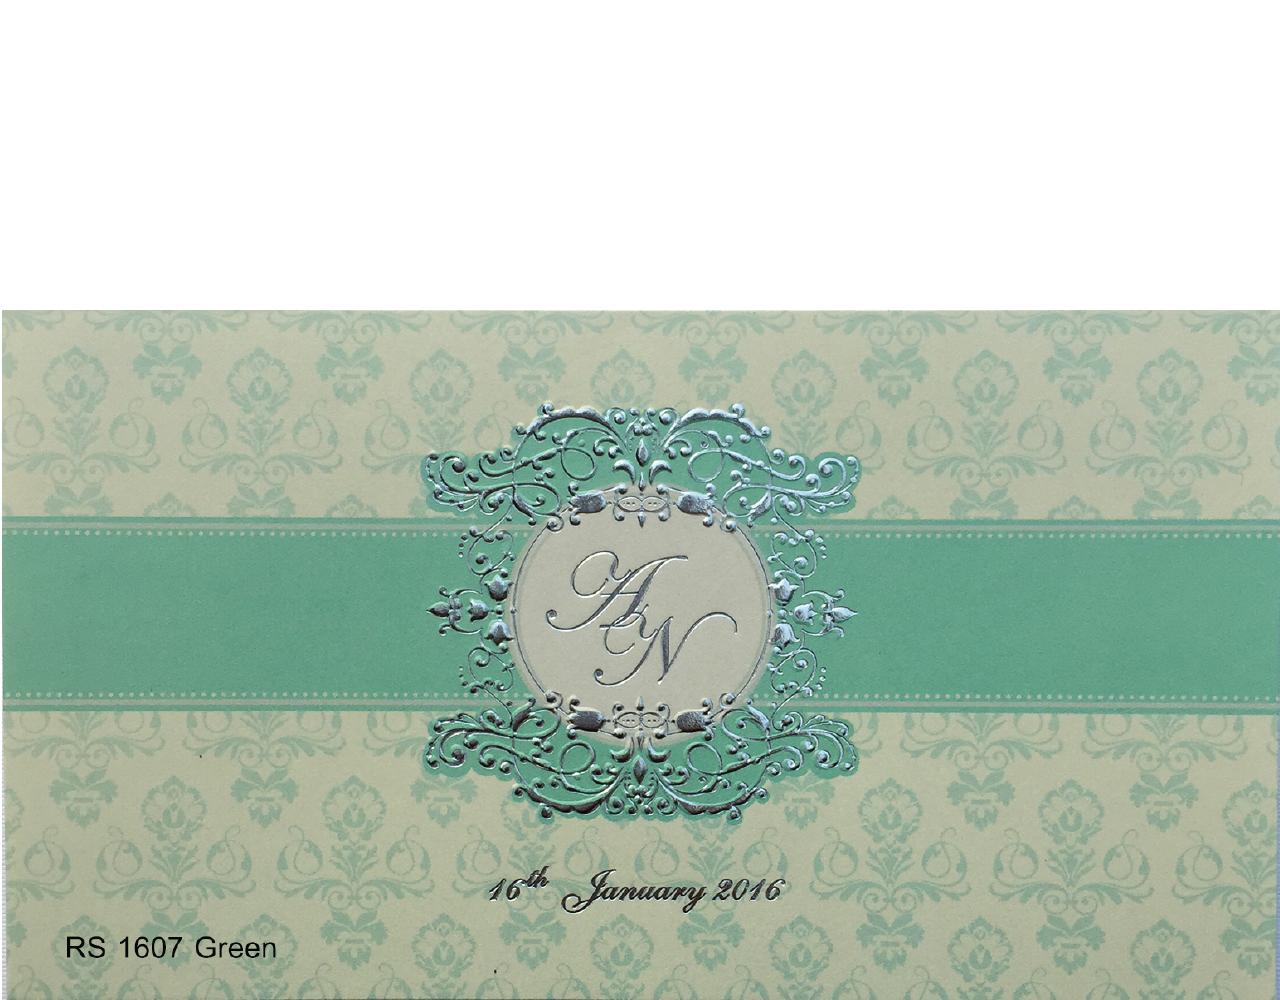 การ์ดแต่งงาน การ์ดเชิญแต่งงาน ราคาถูกๆ สีครีมเขียว wedding card 4x7.5 inch RS.1607